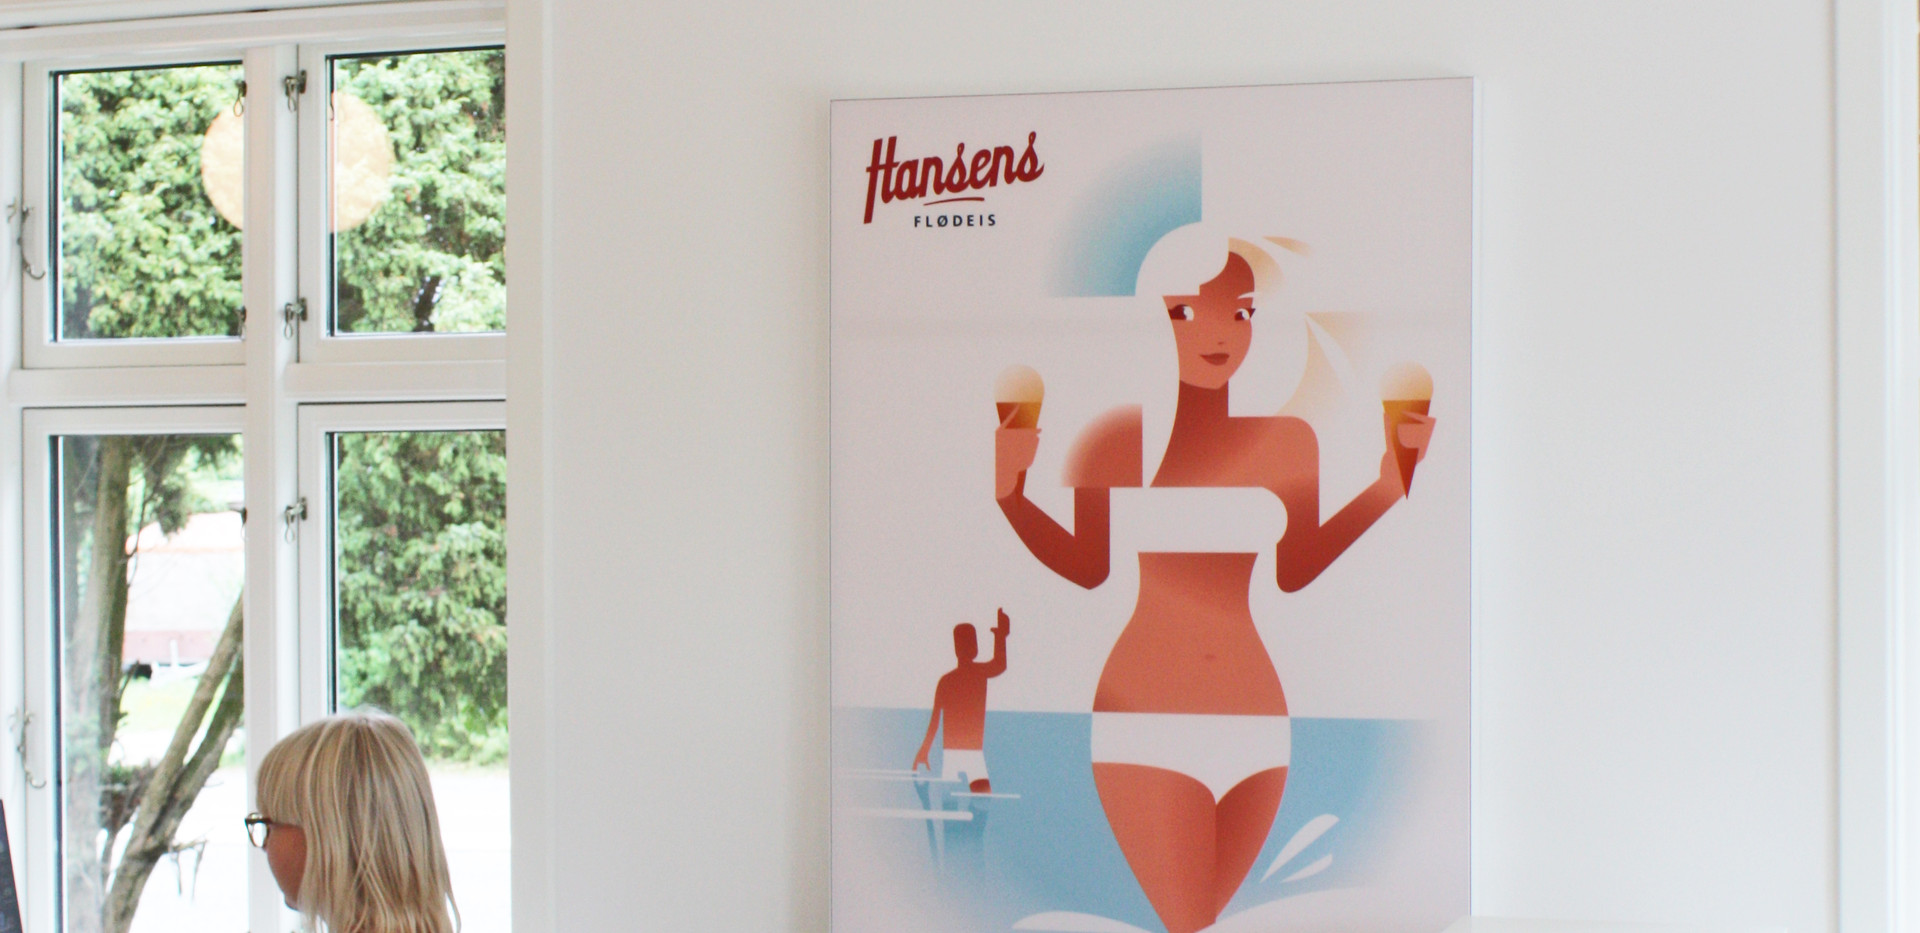 Støjdæmpning og god akustik med akustikbilleder hos Hansens Is